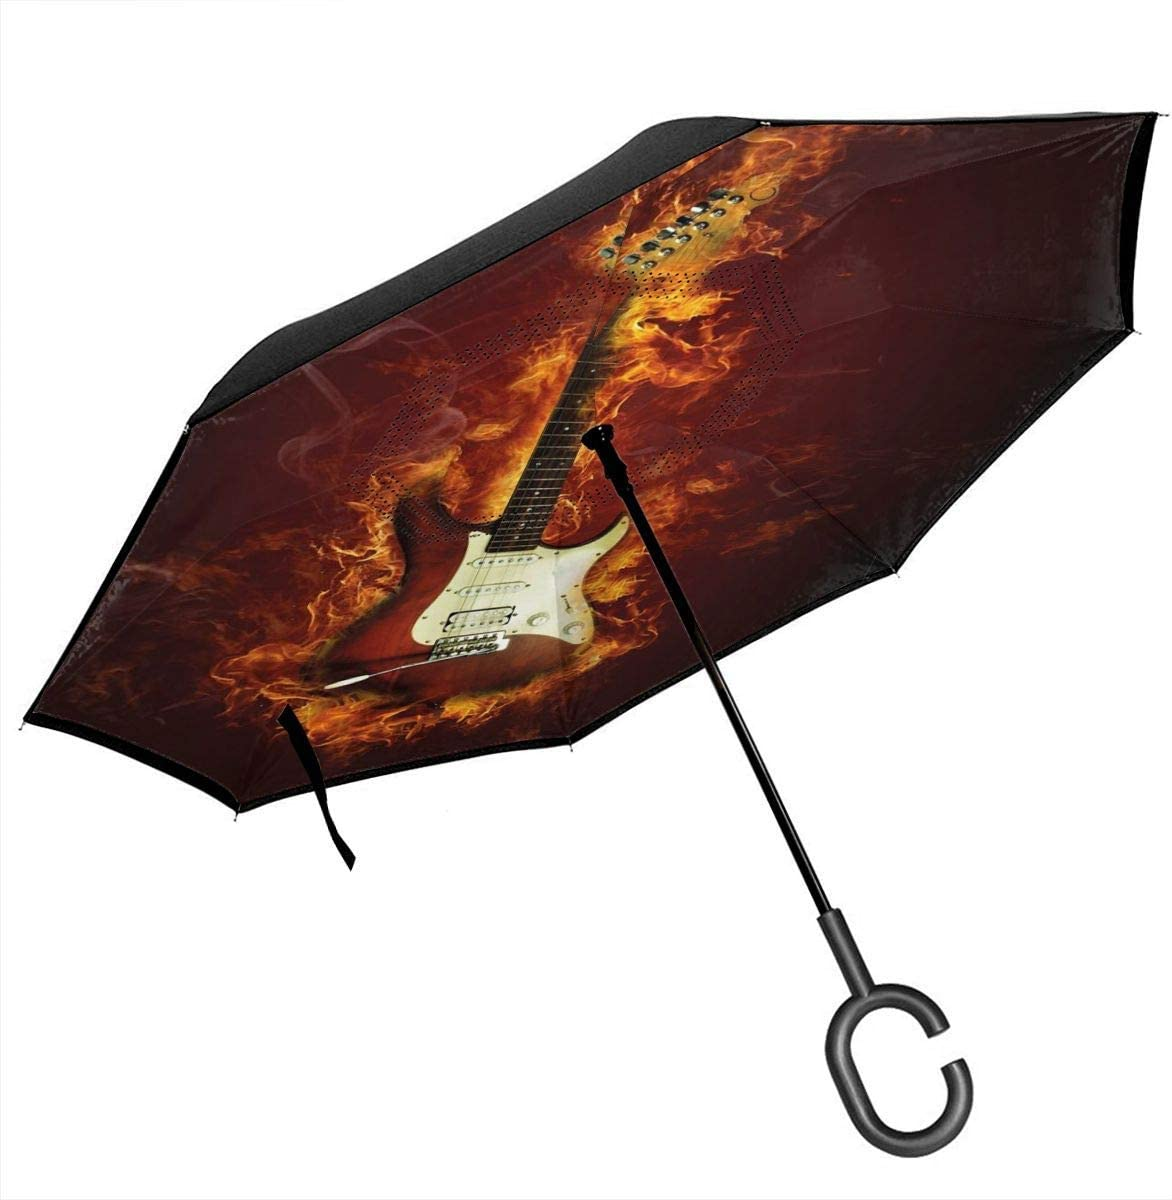 Paraguas inverso del Coche, Guitarra eléctrica en Llamas Concepto de Creatividad Musical Hardrock de Fuego ardiente, con Mango en Forma de C